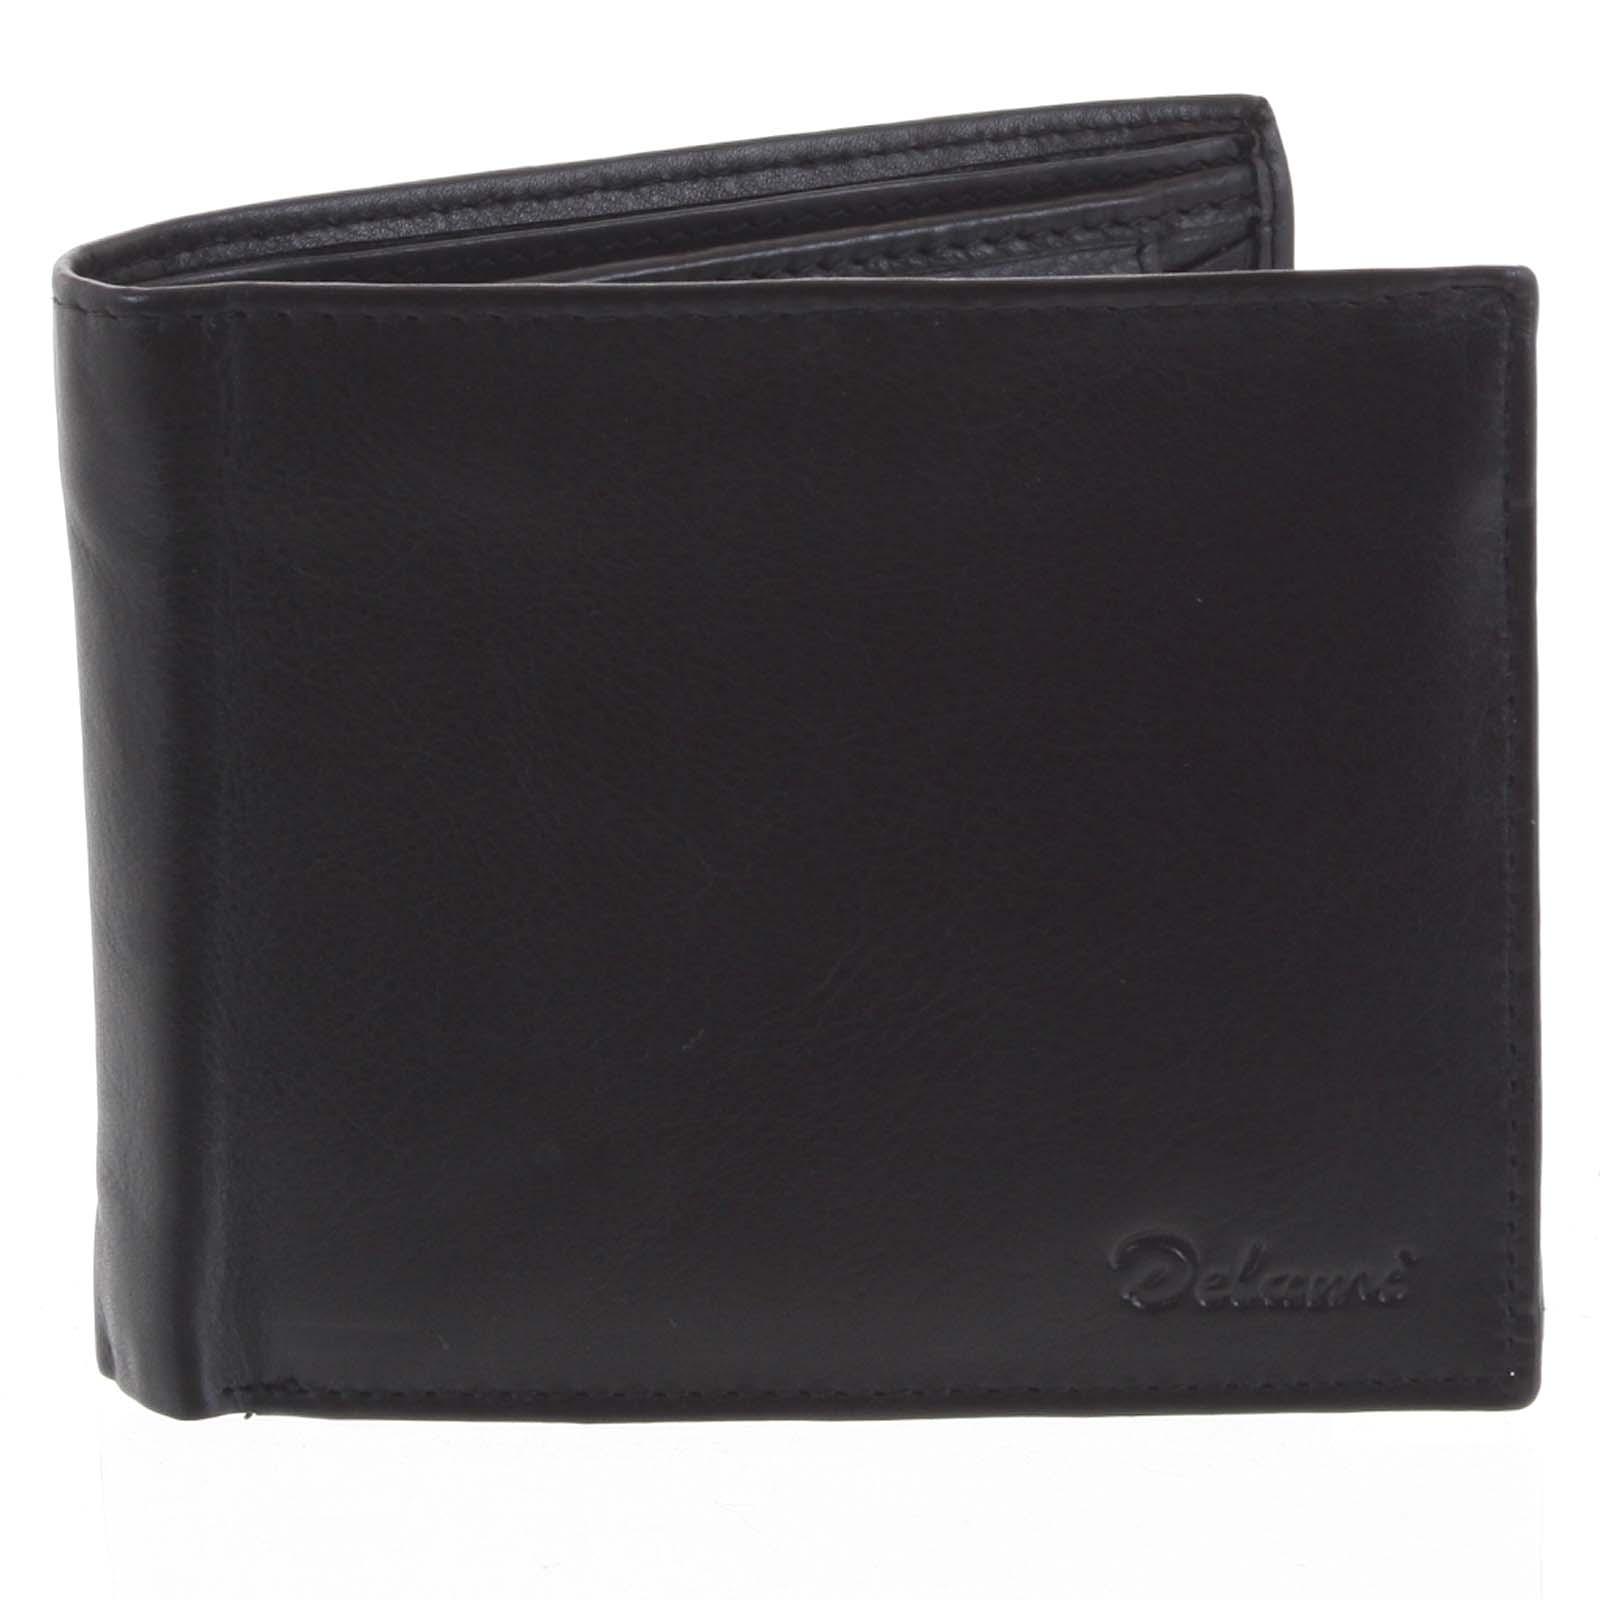 Pánska kožená peňaženka čierna - Delami Five